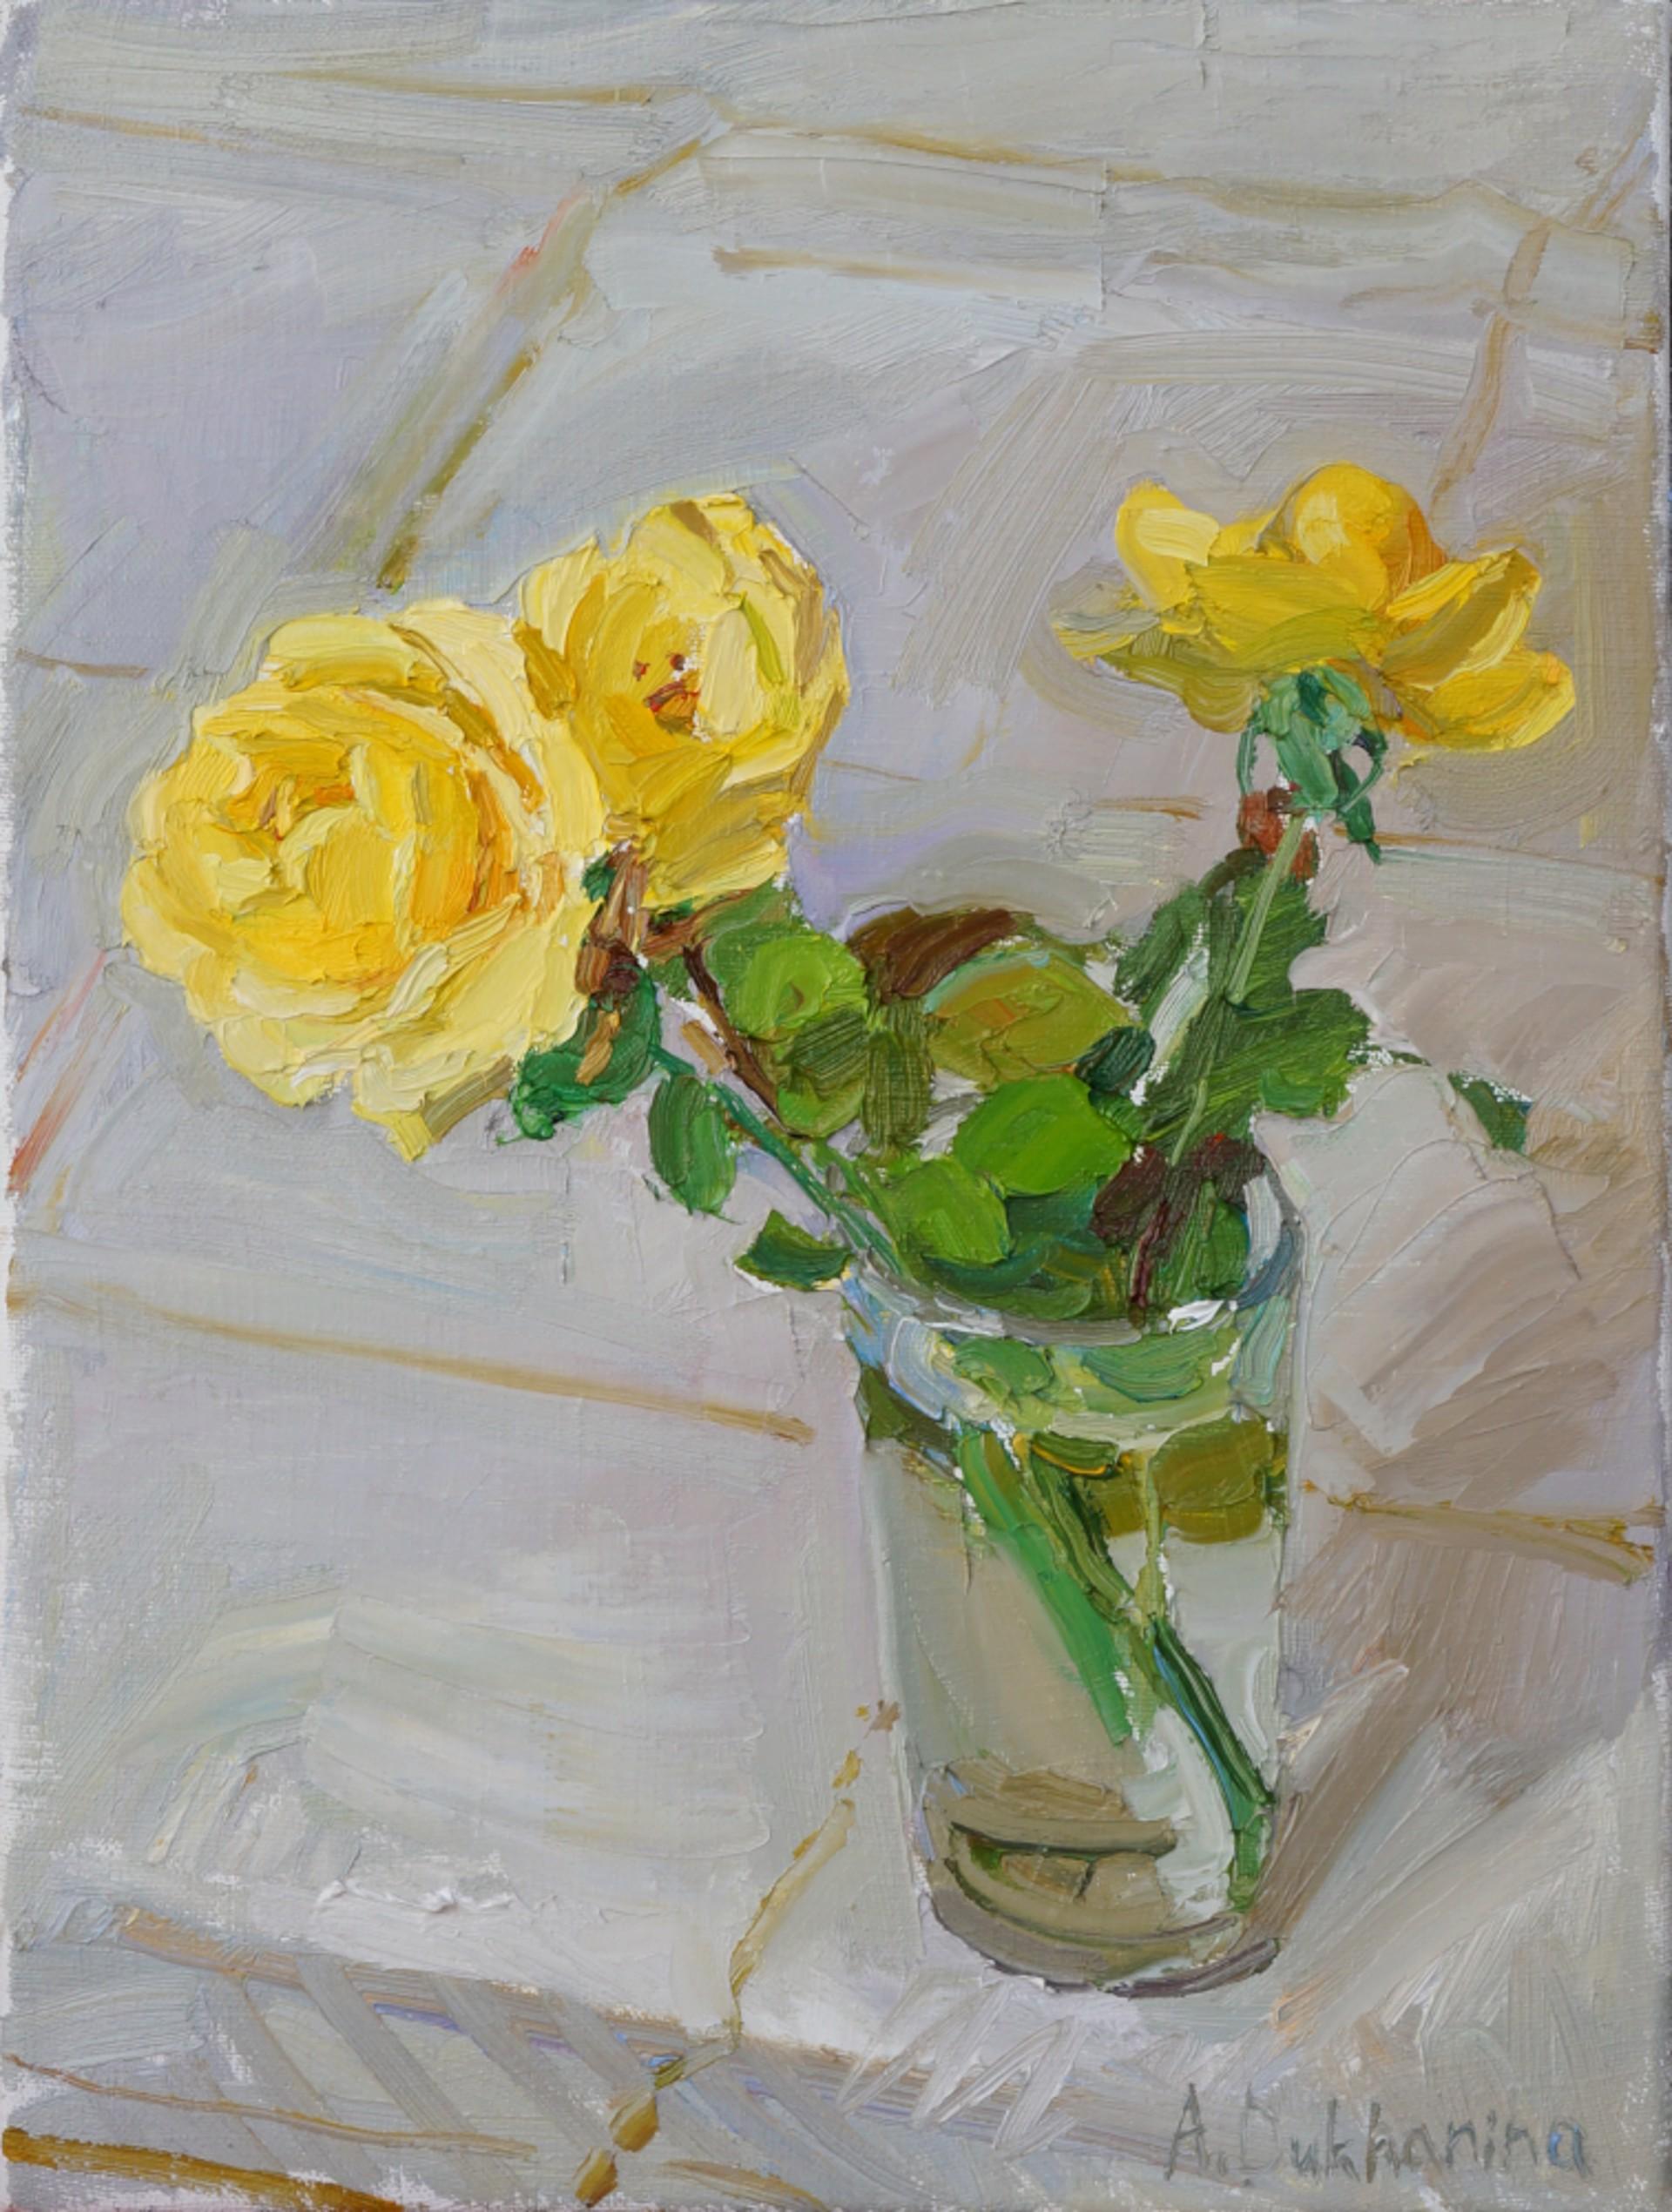 Yellow Roses by Anastasia Dukhanina